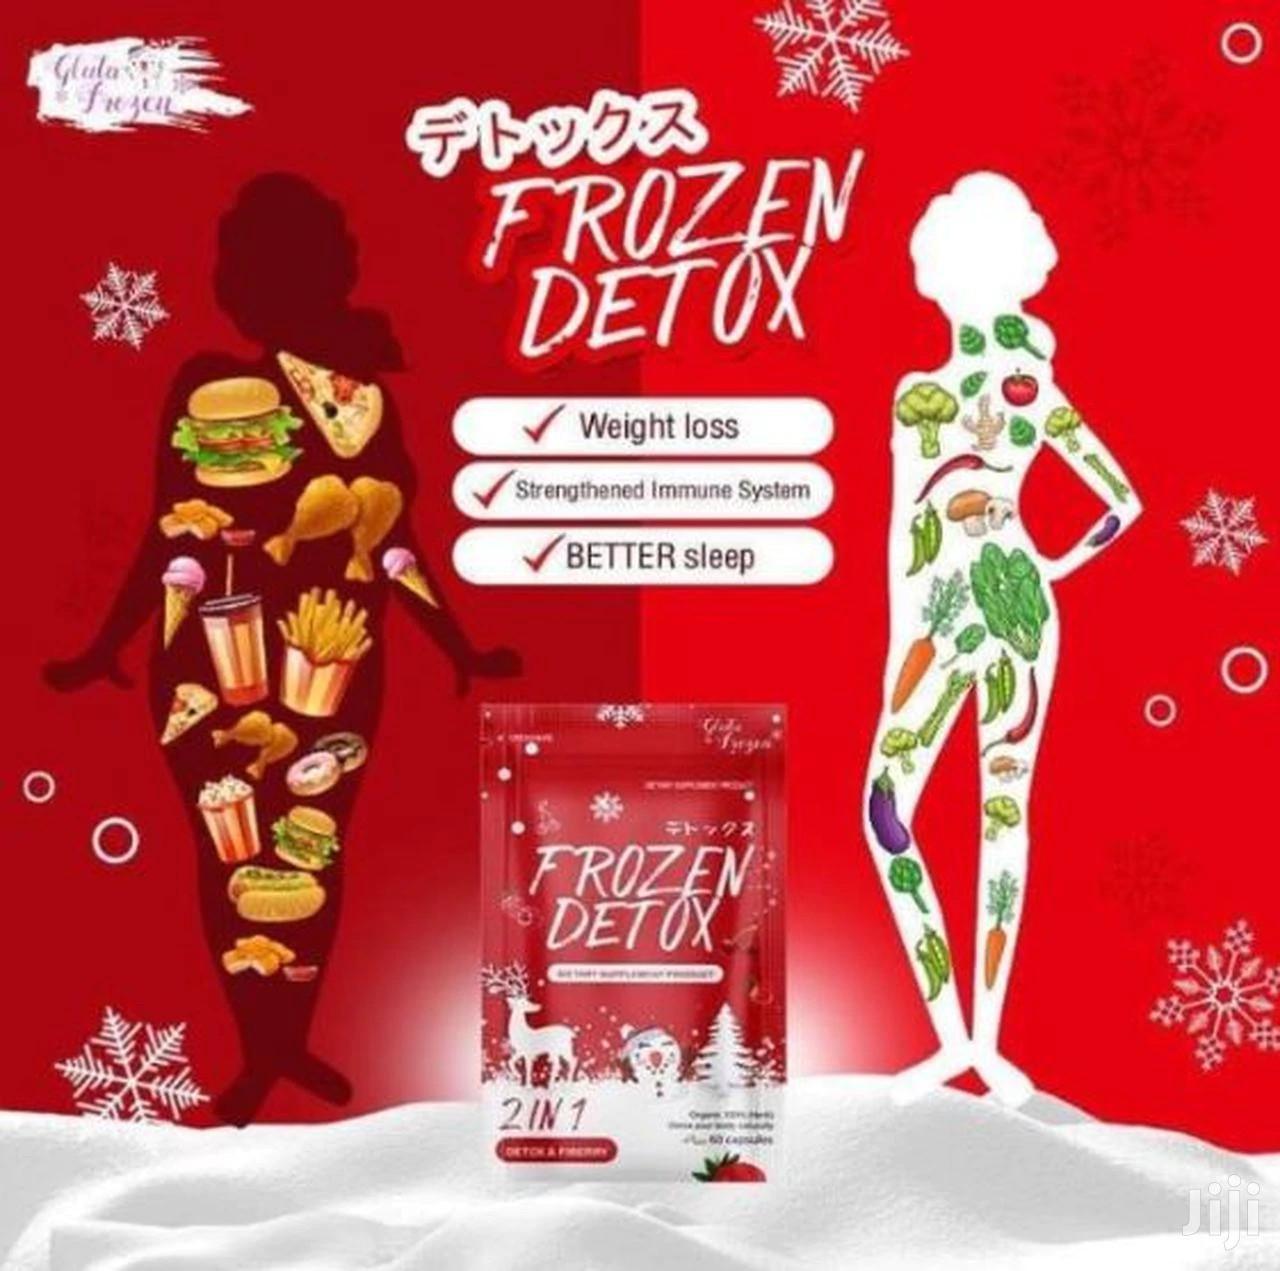 Frozen Detox For Flat Tummy 2in1